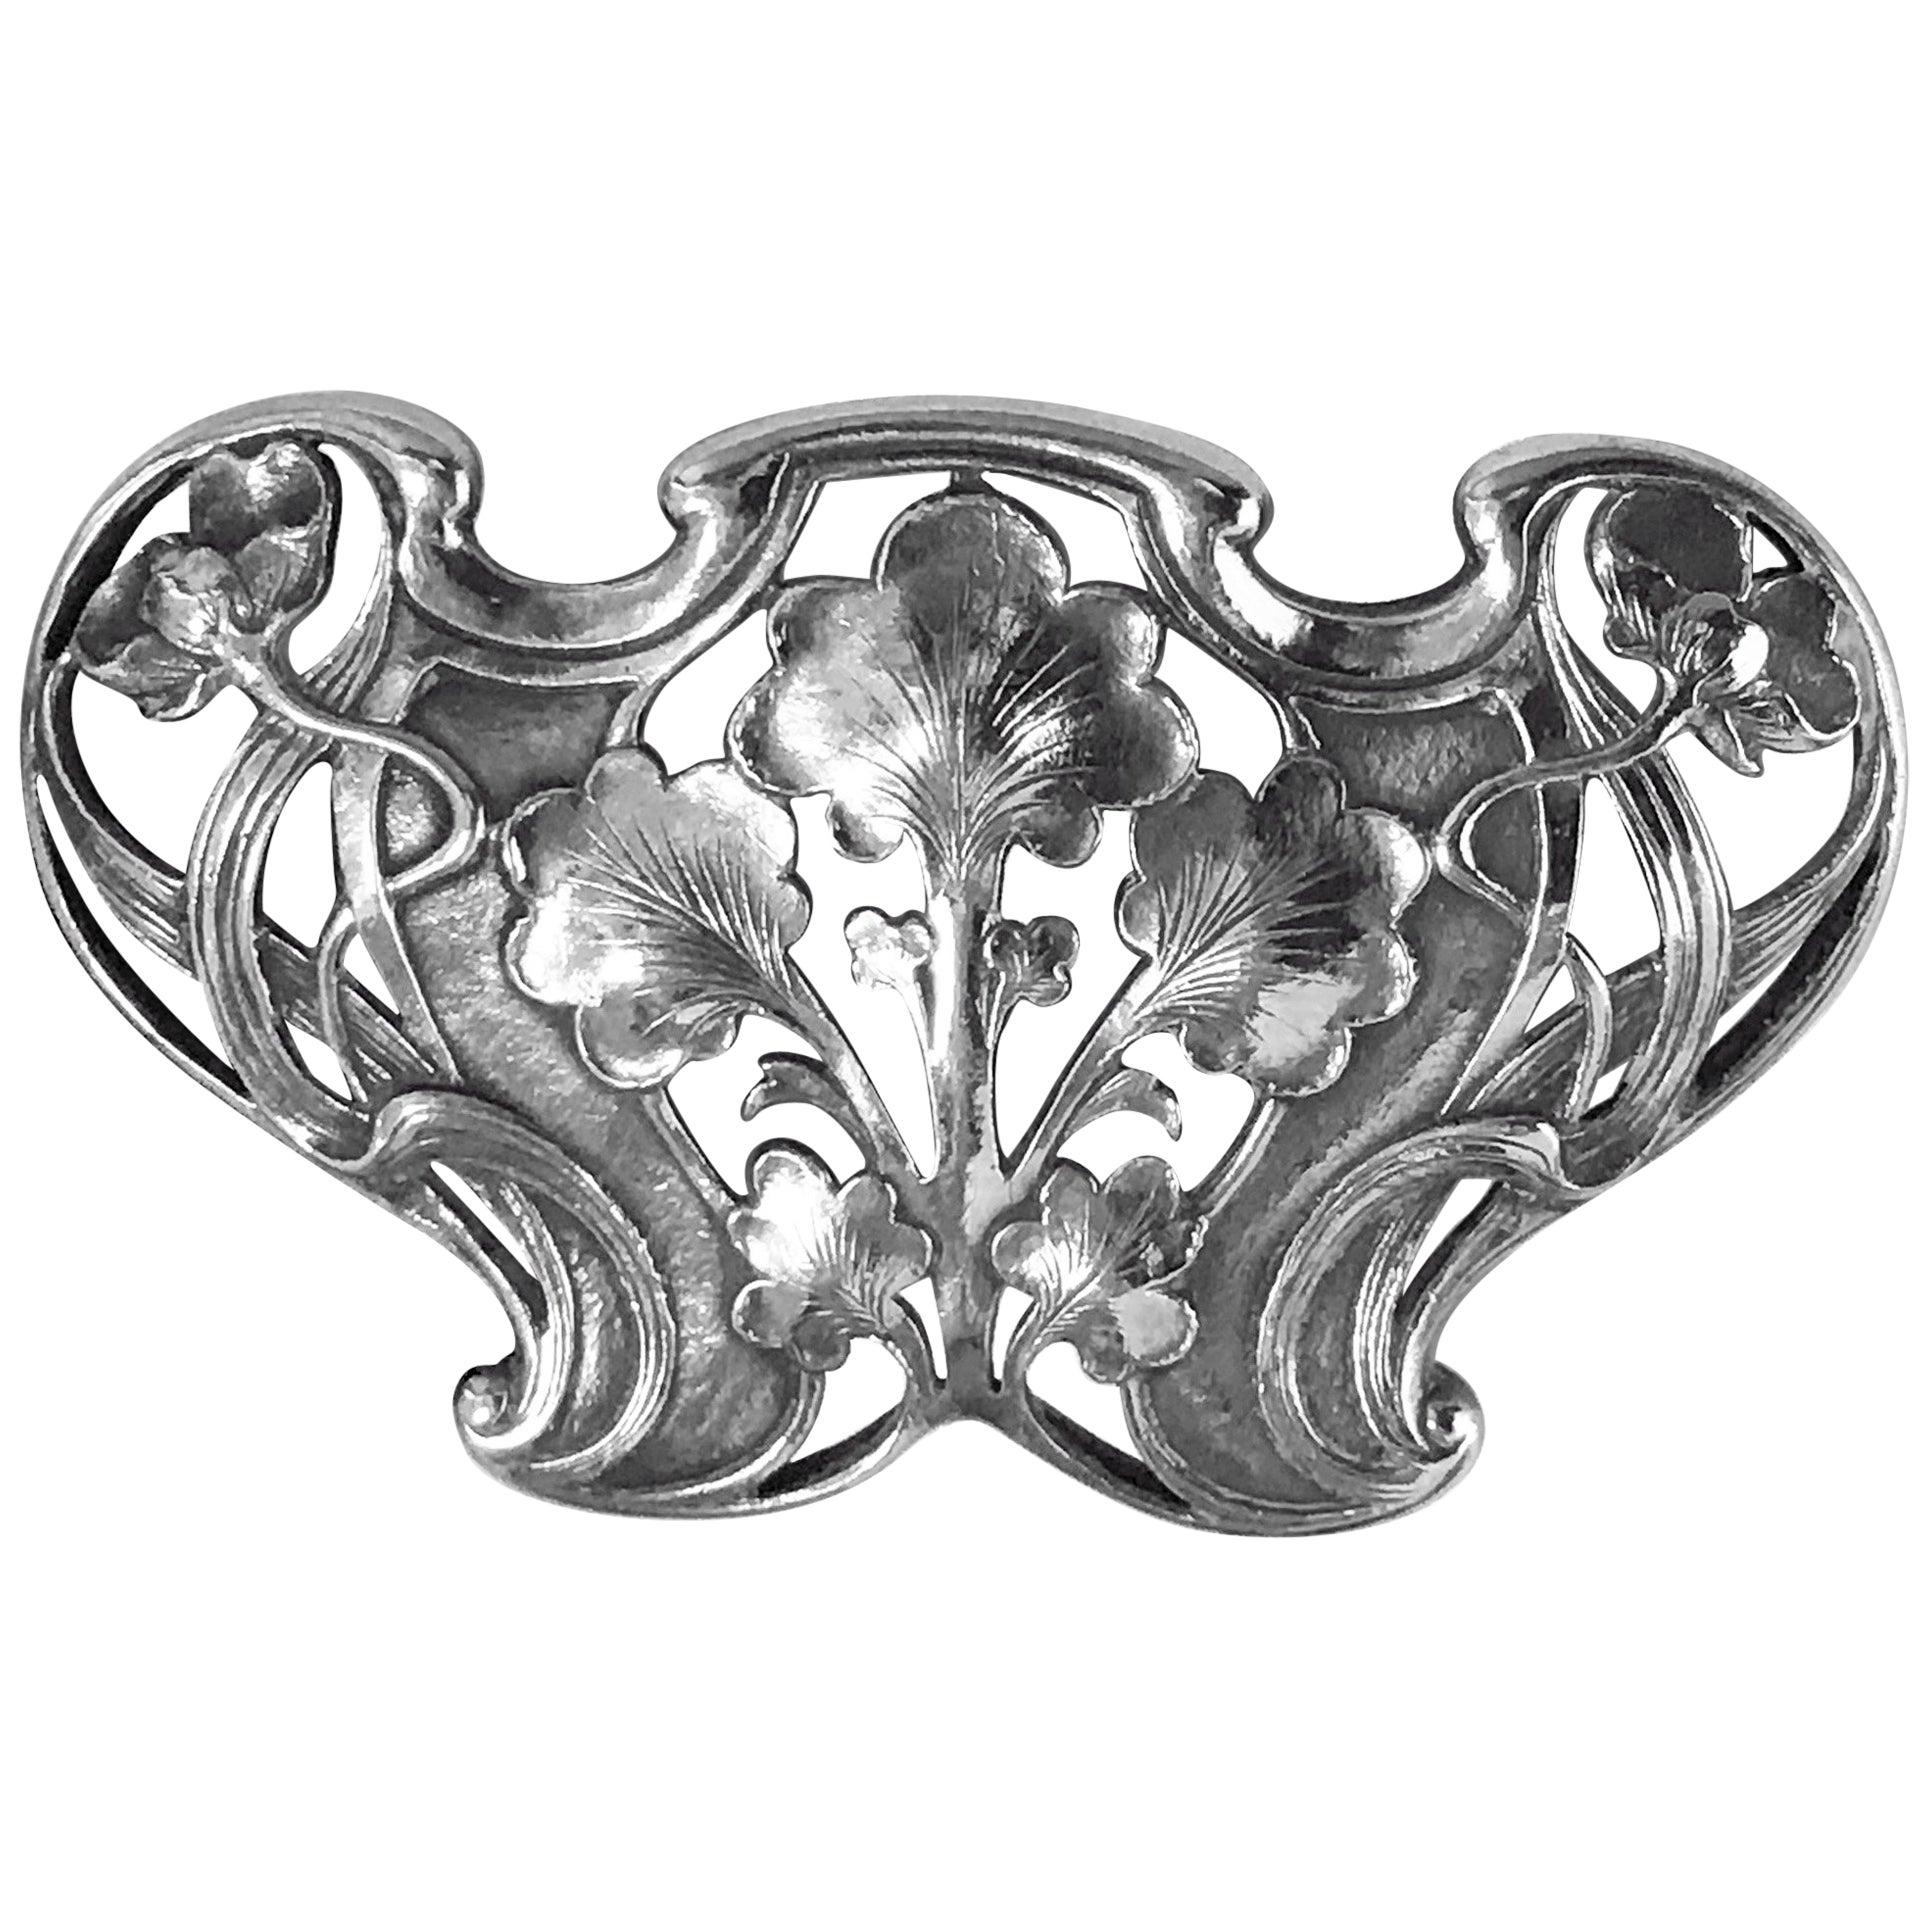 Gorham Art Nouveau Sterling Buckle, 1902